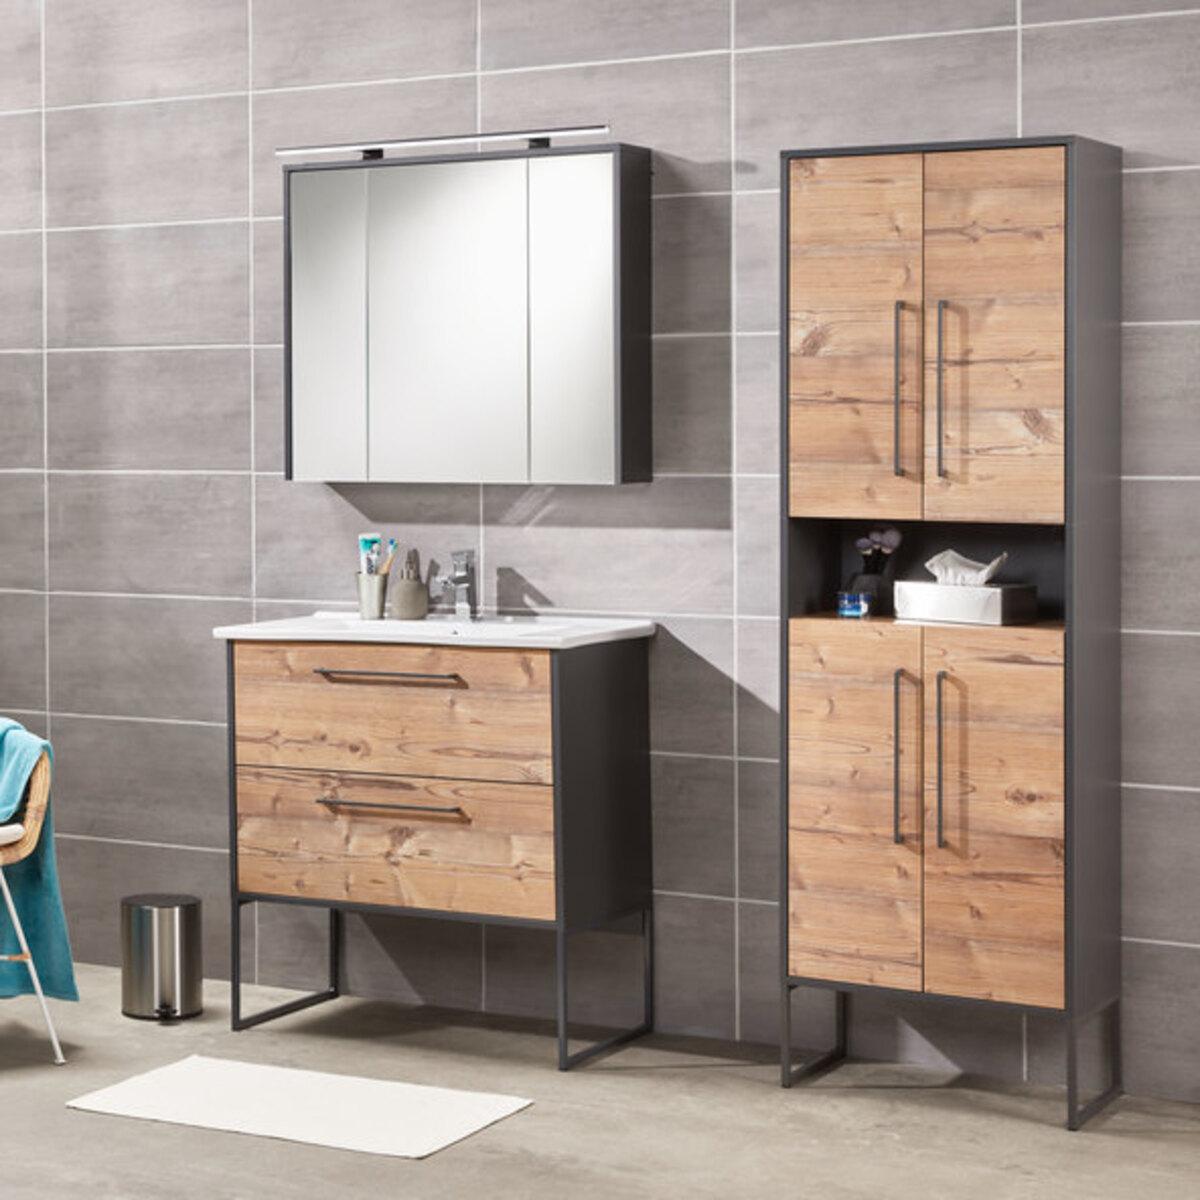 Bild 2 von Bad-Waschtisch Living Style Milano, inkl. Keramik-Waschbecken